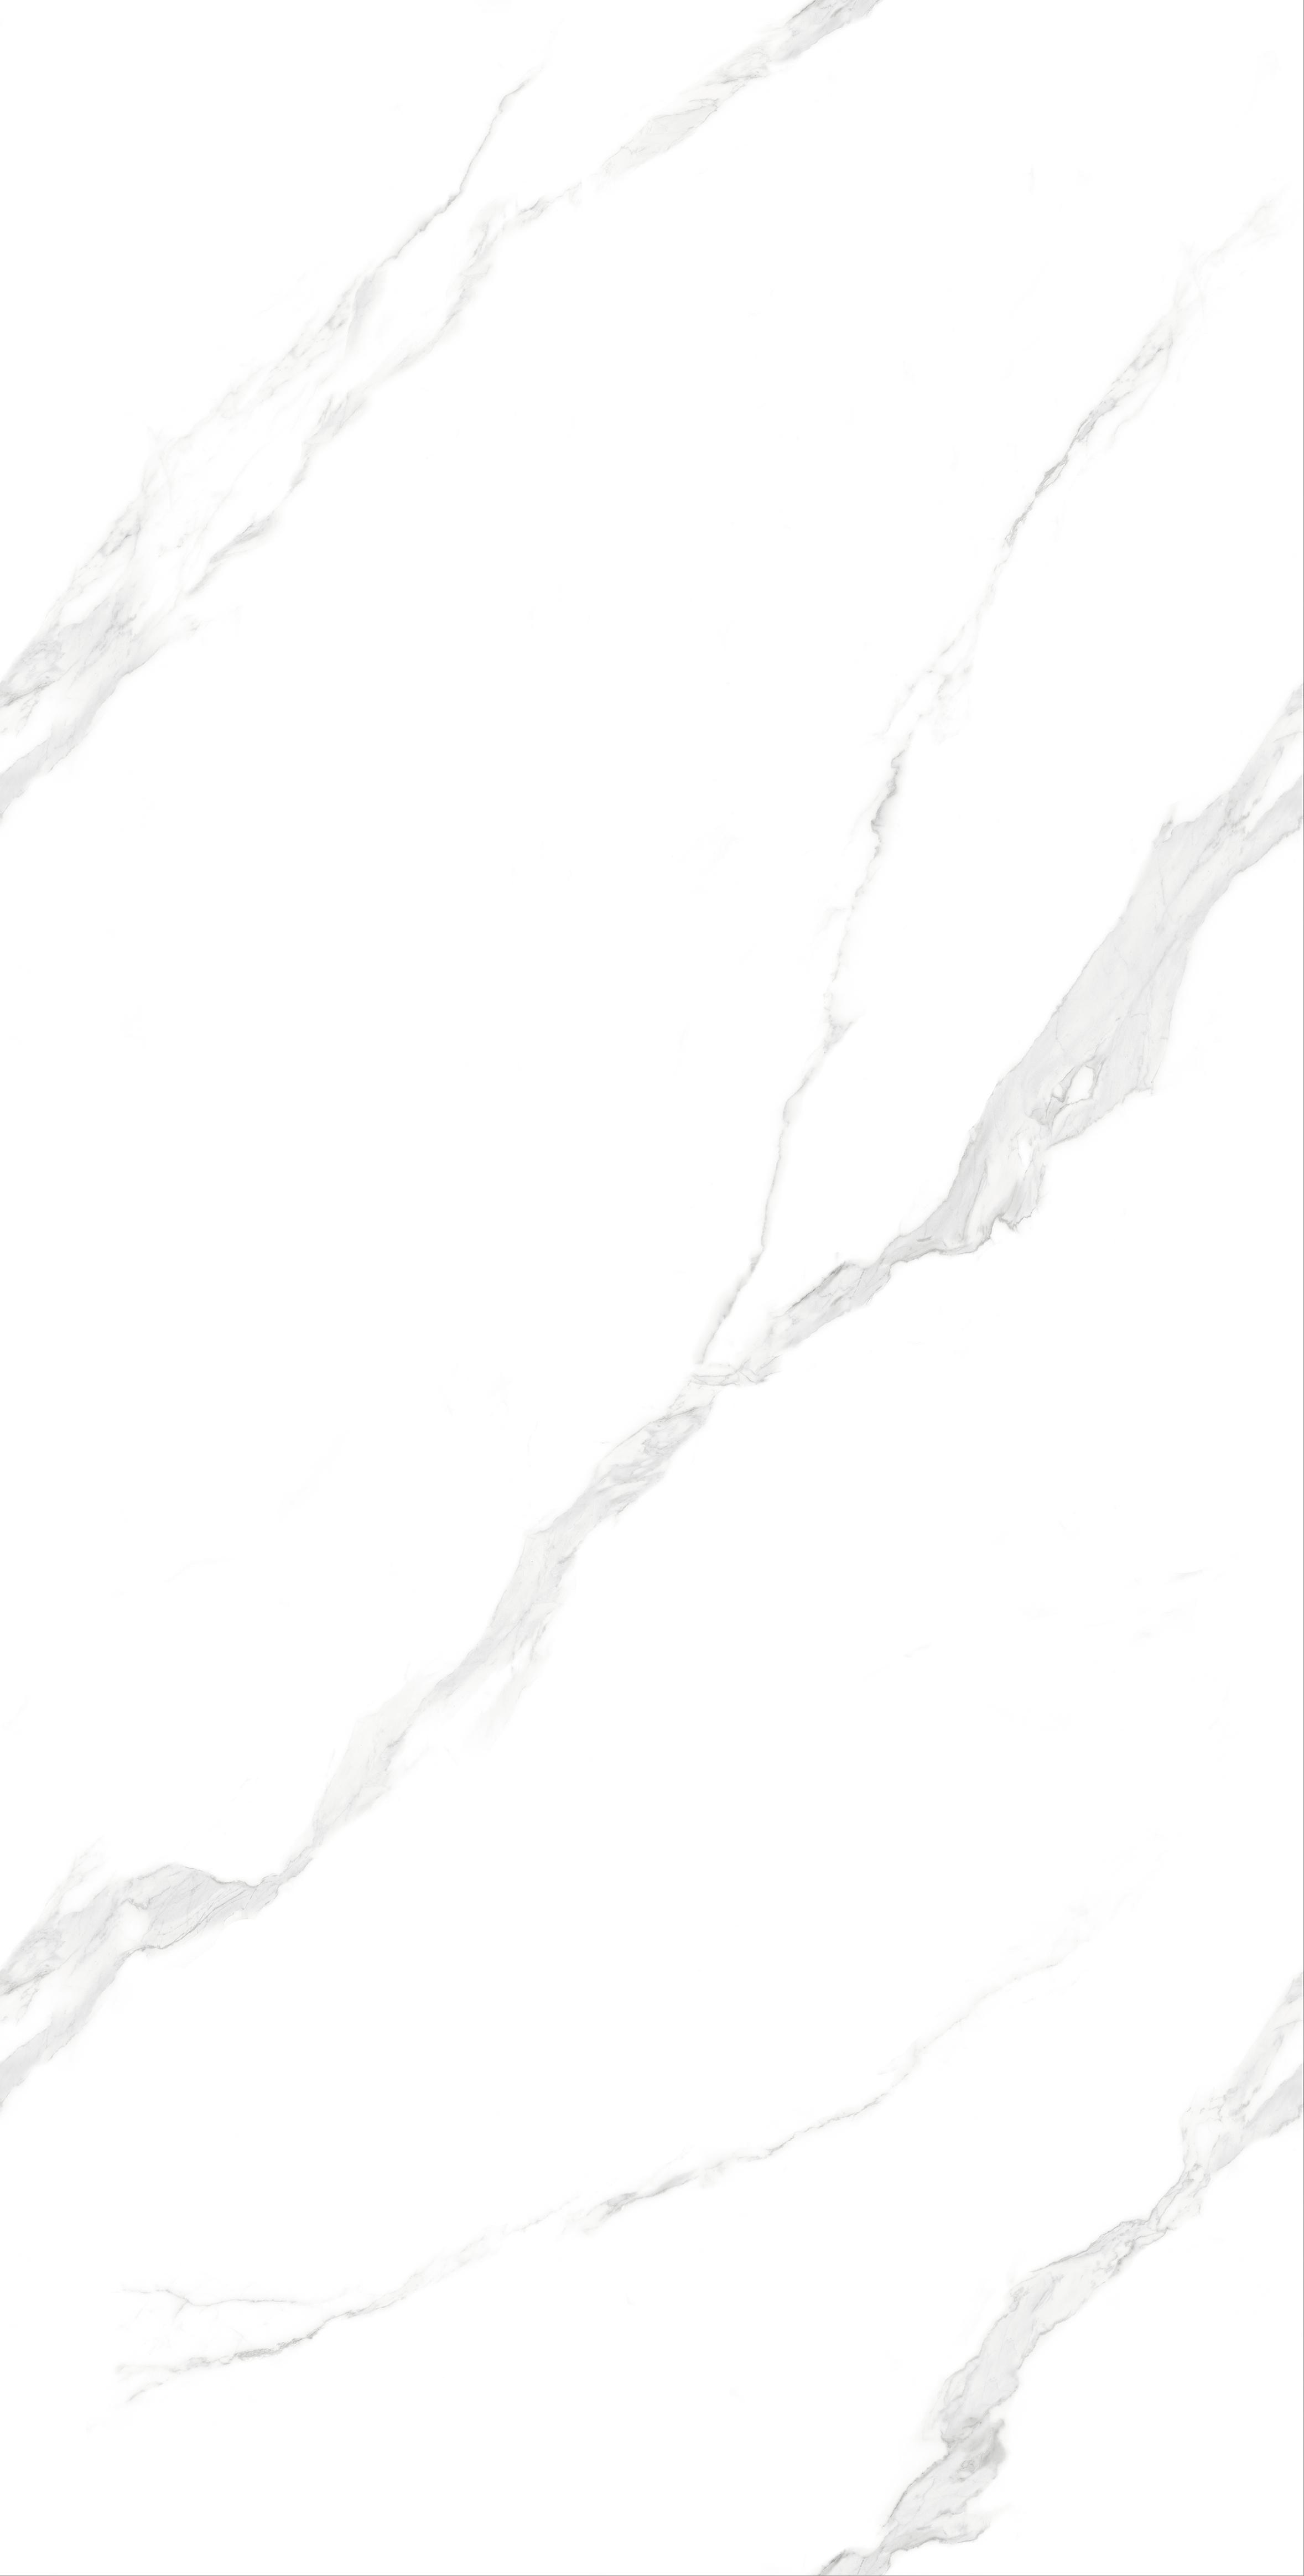 JBT918001 任意无限连纹